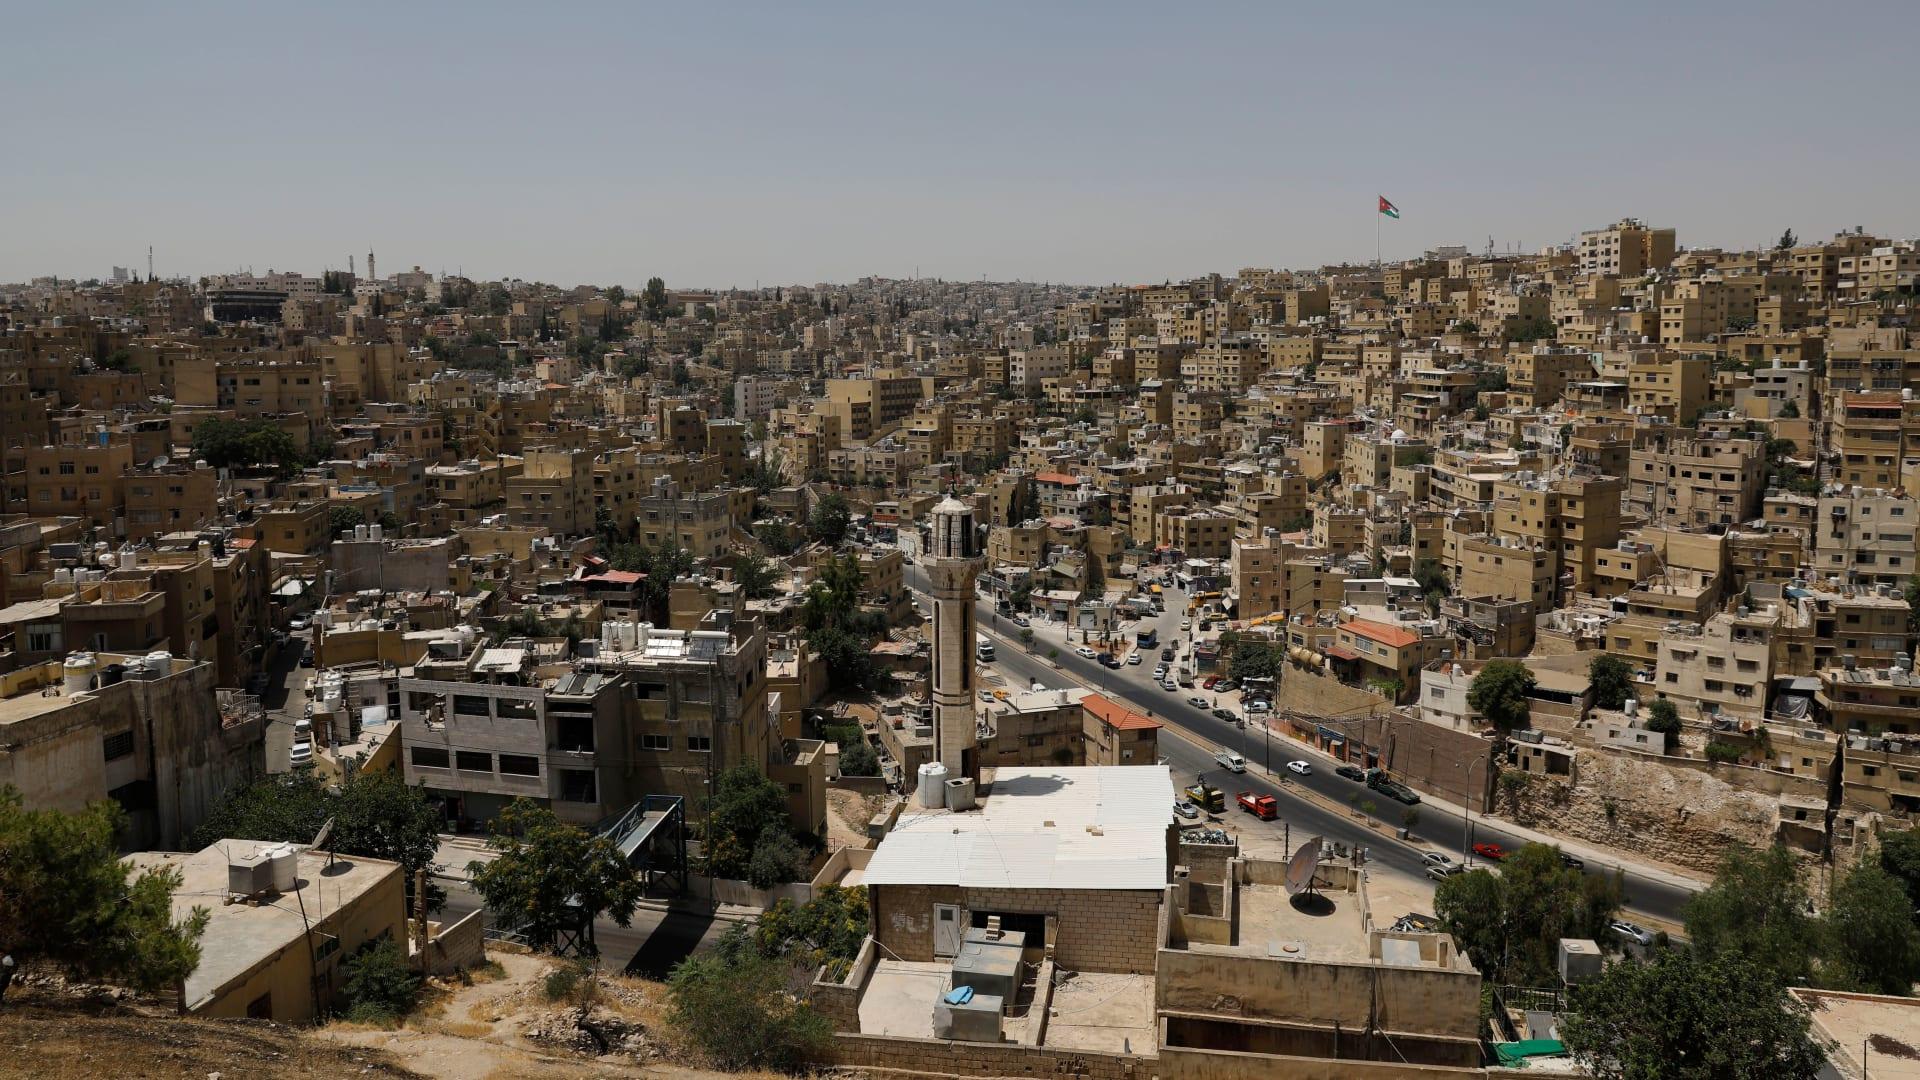 صورة عامة من العاصمة الأردنية، عمان